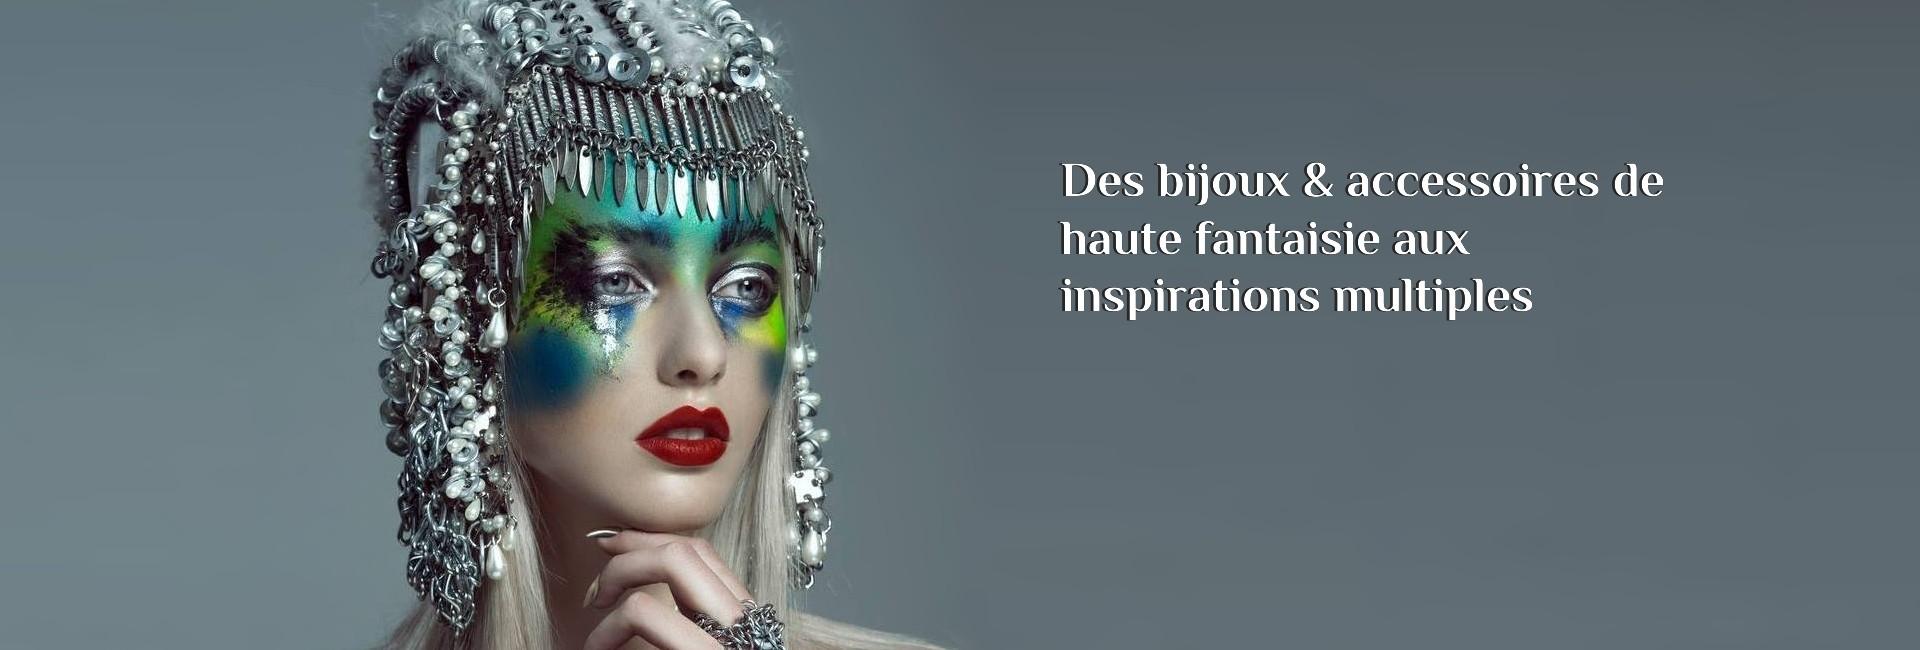 Des bijoux et accessoires de haute fantaisie aux inspirations multiples